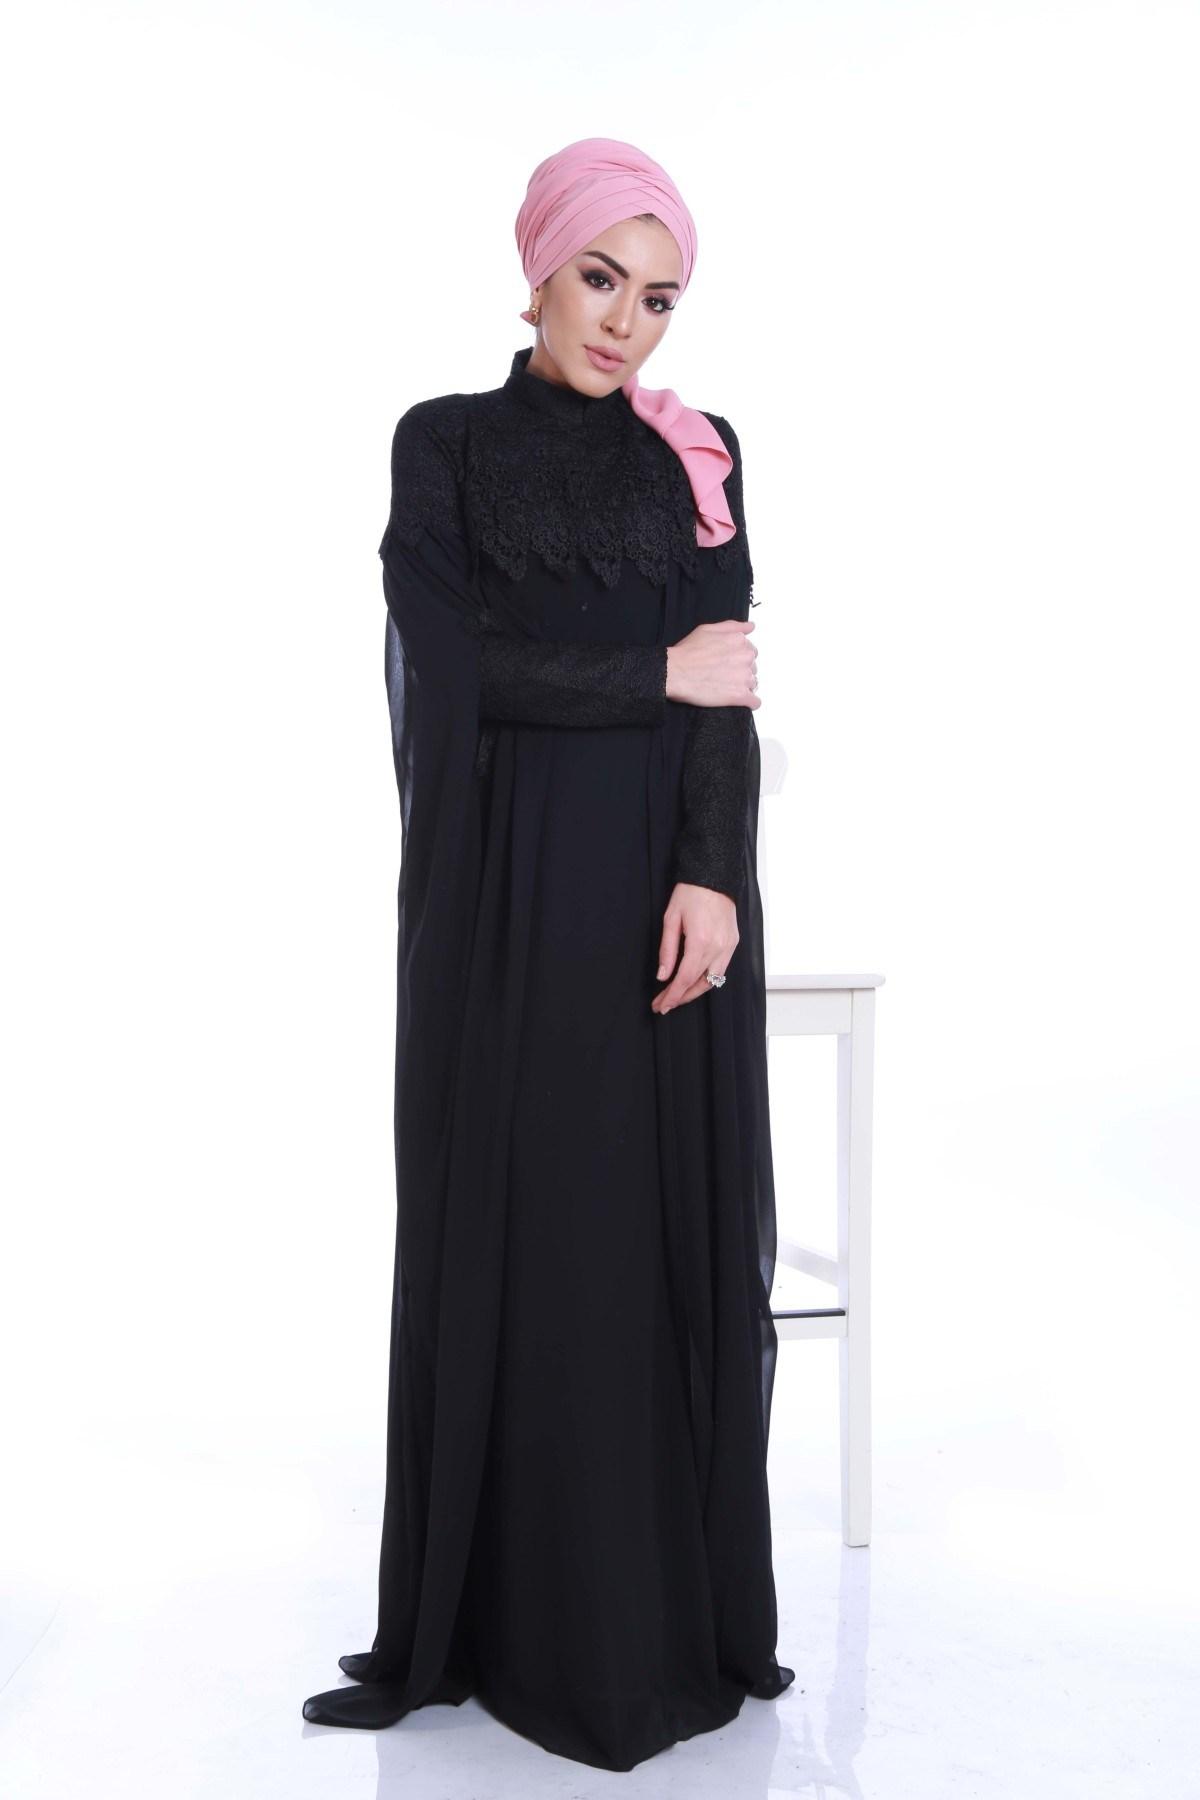 344e585a05834 Yeni Elbiseler, Yeni Sezon, Elbise, Abiye, Yeni Elbiseler, Yeni ...